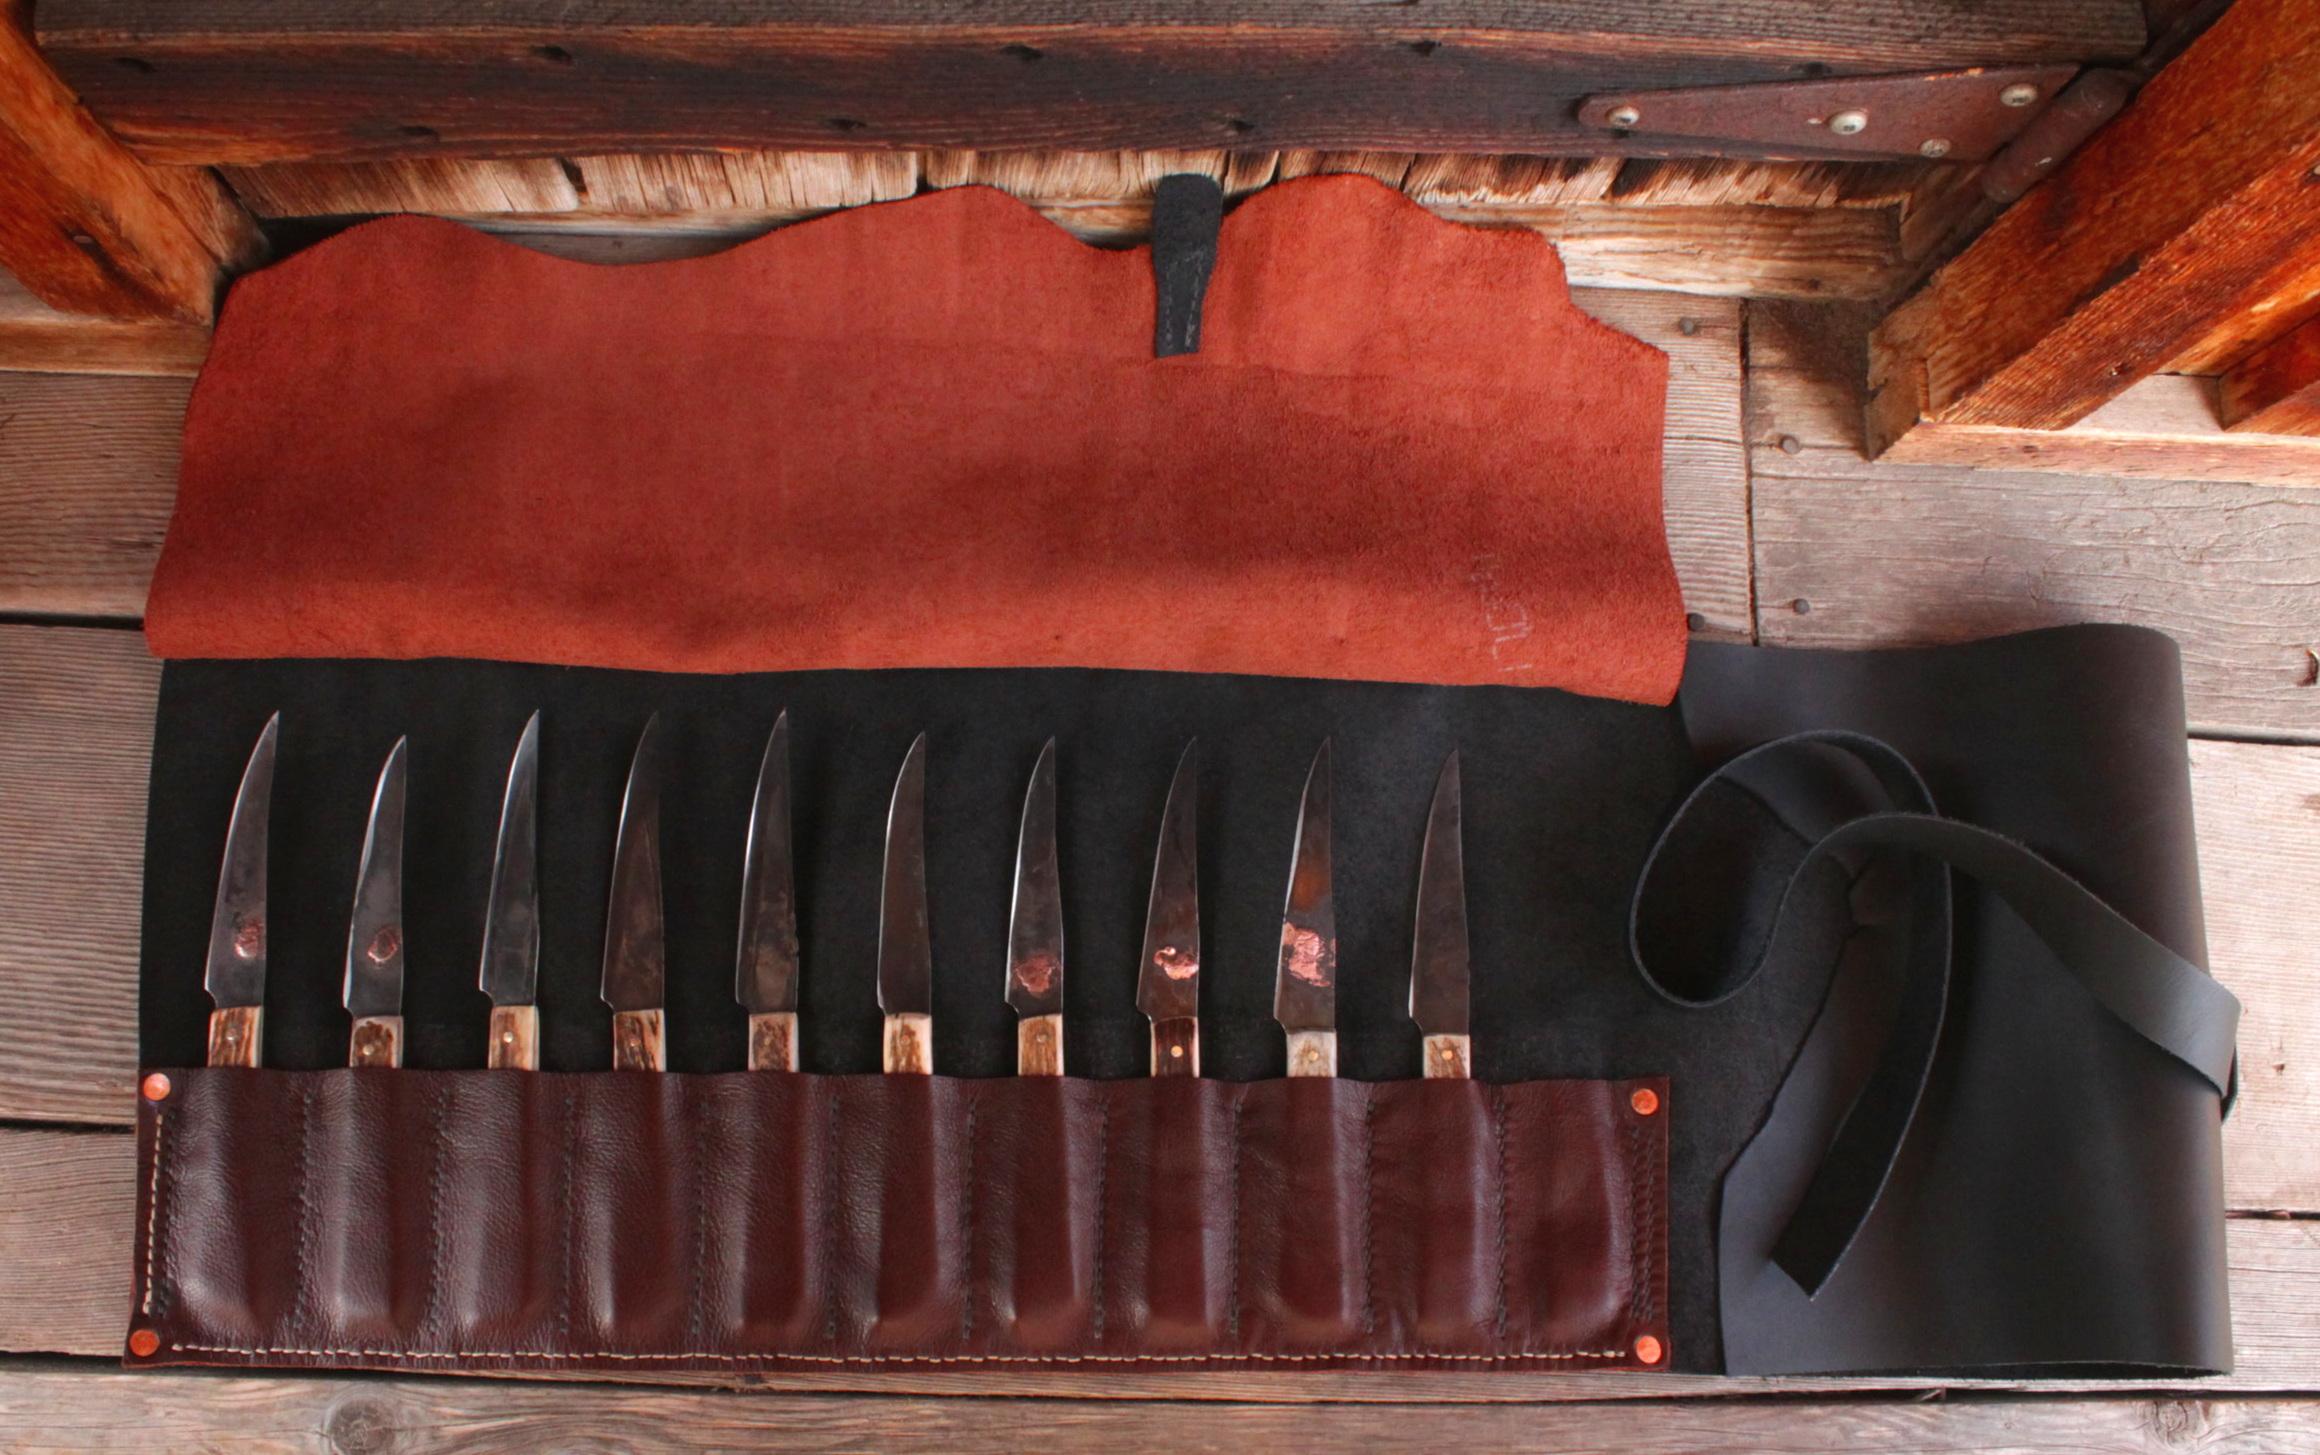 Set of handmade steak knives. Ten knives in their custom leather roll.